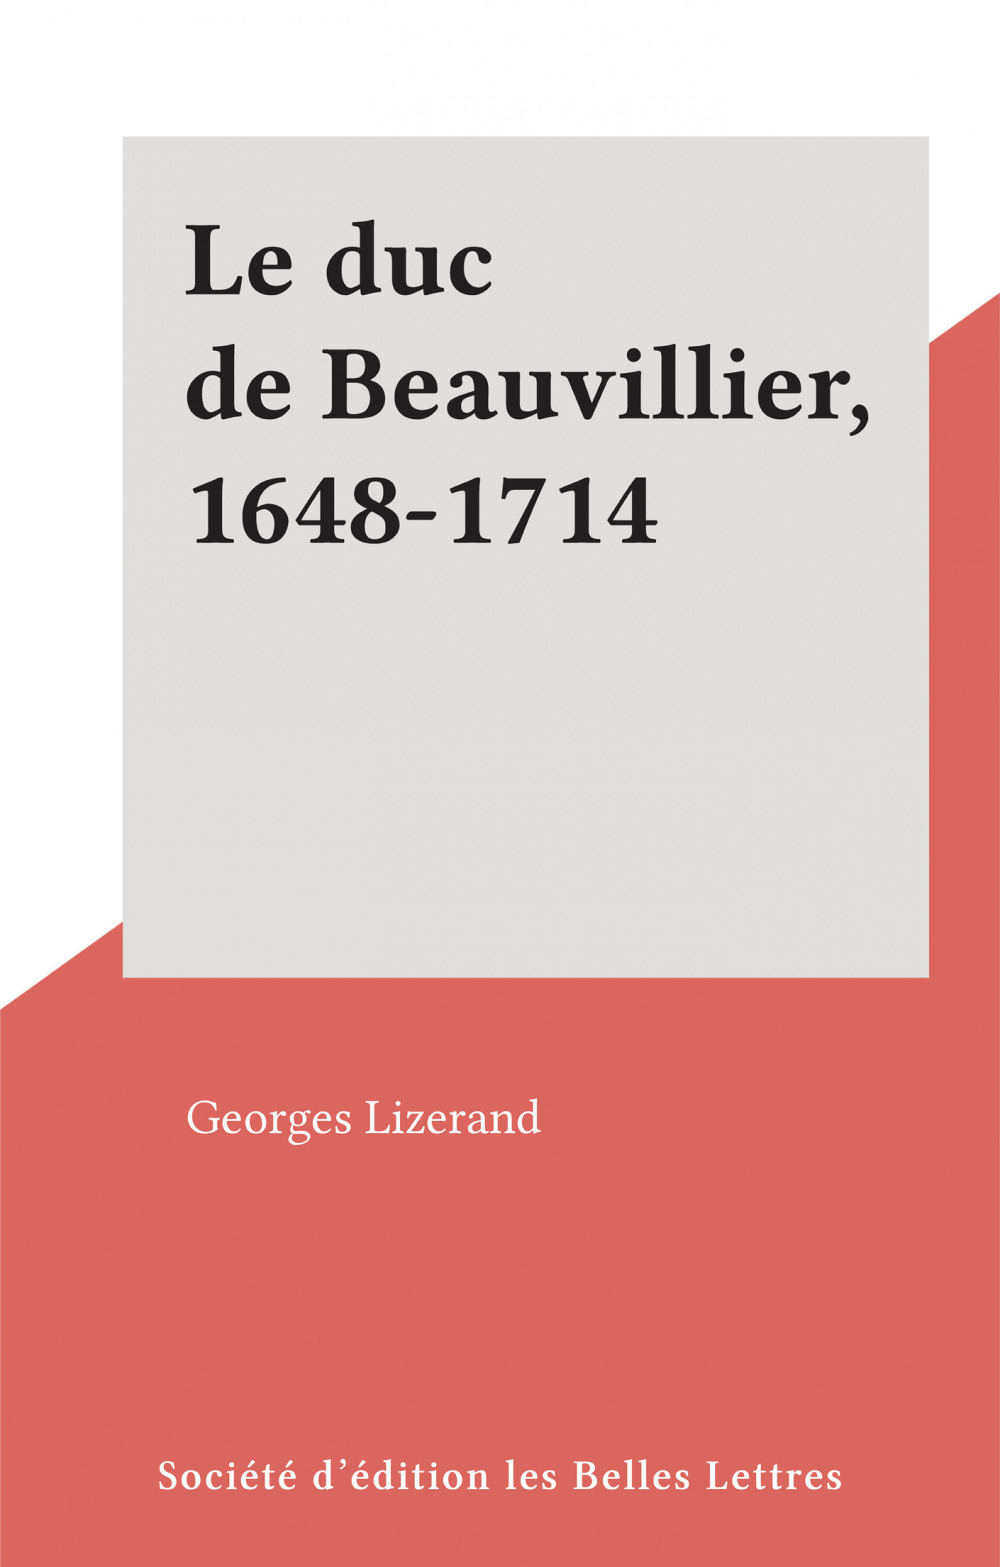 Le duc de Beauvillier, 1648-1714